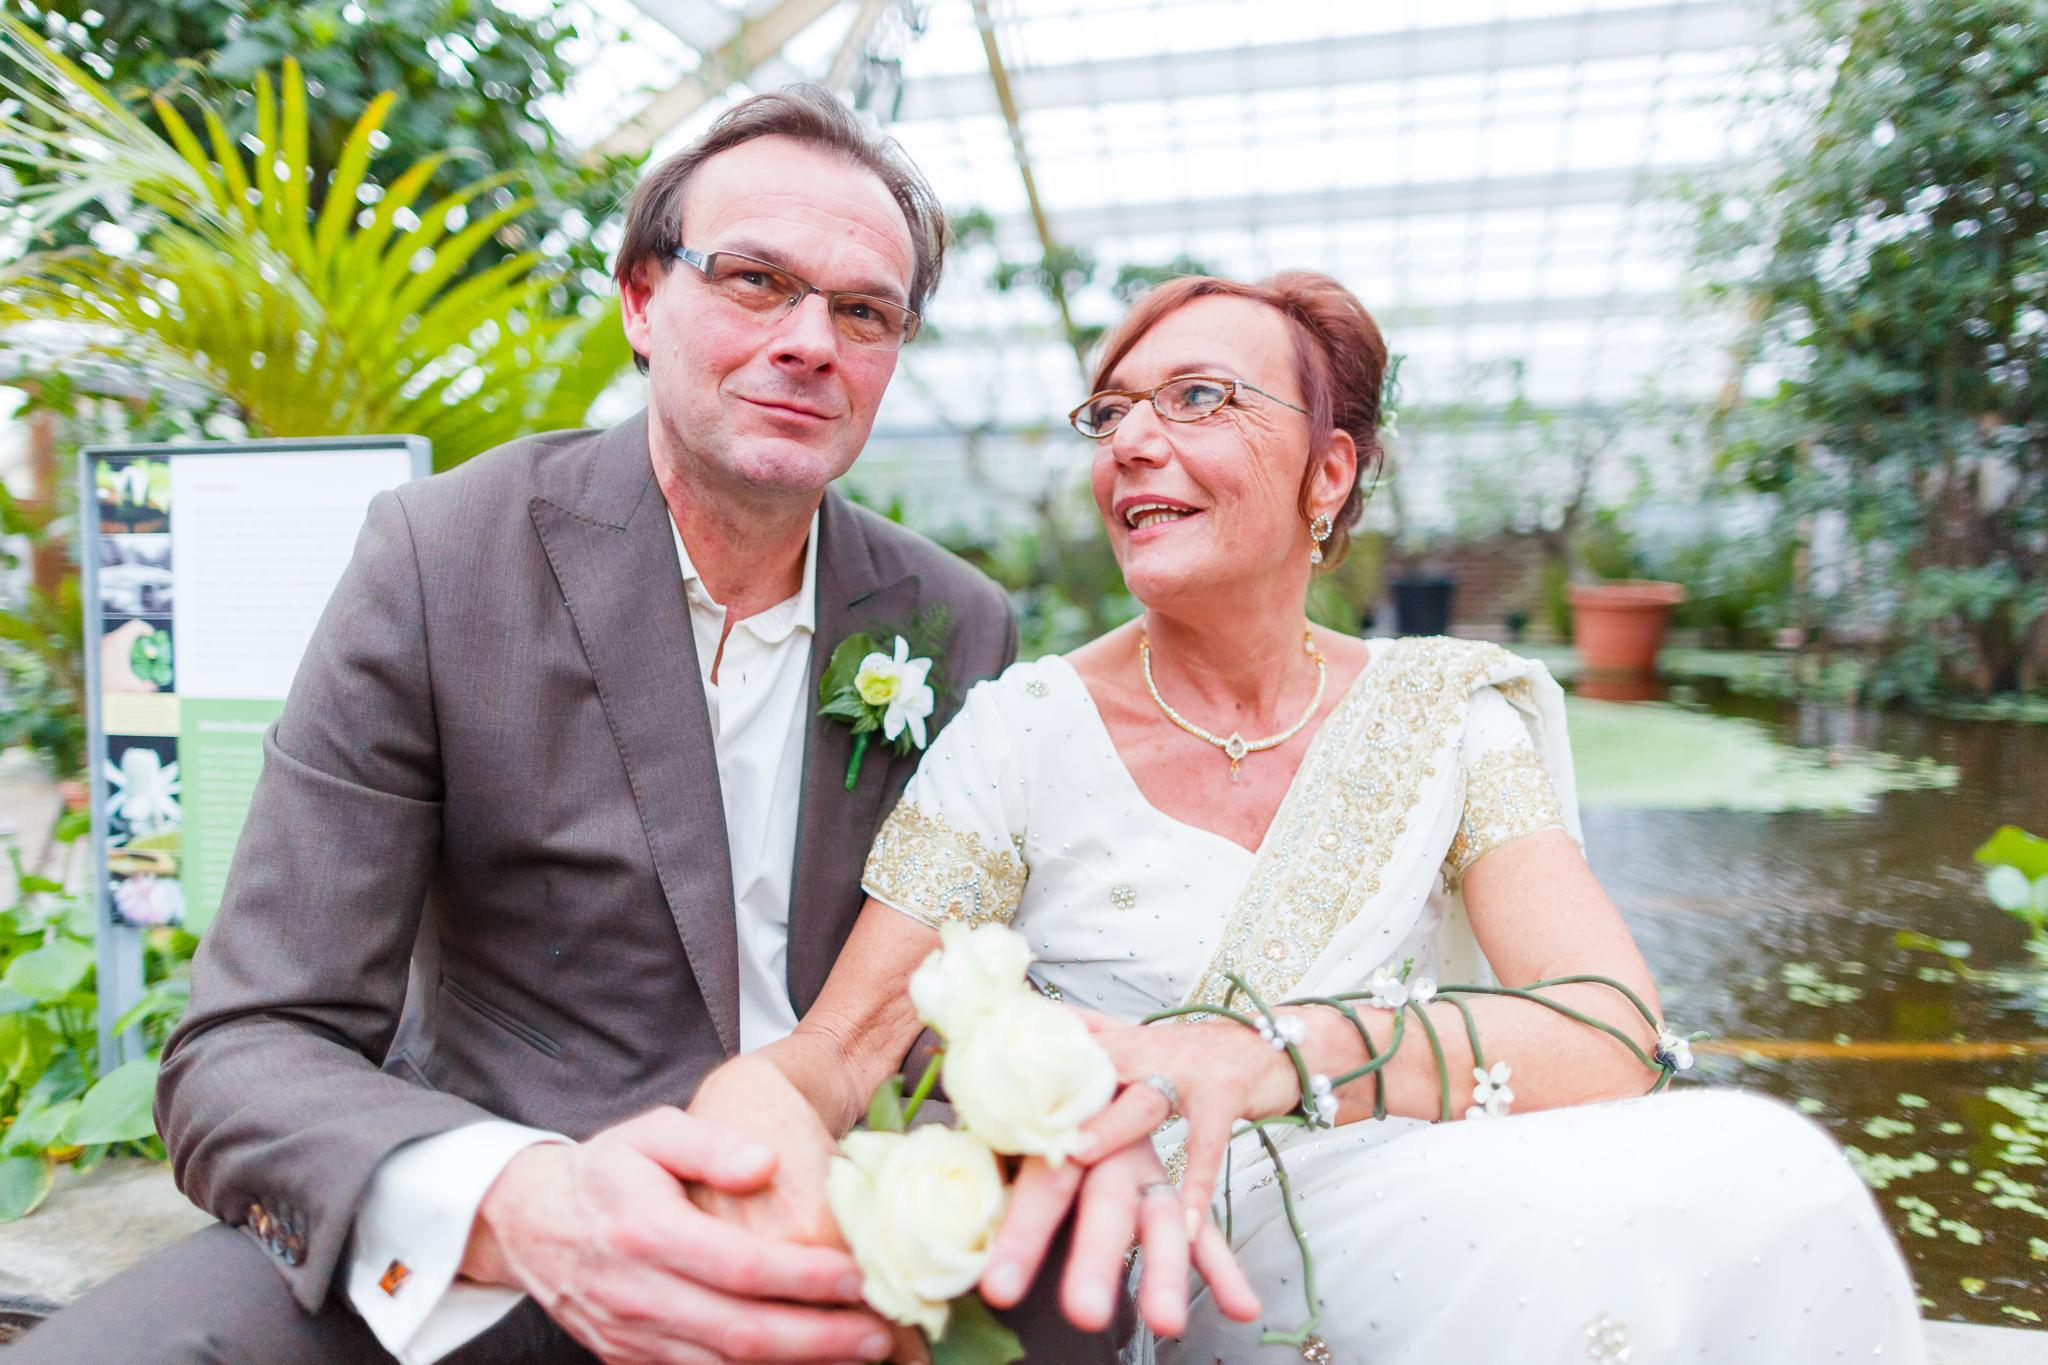 Wedding - YW8A3161.jpg